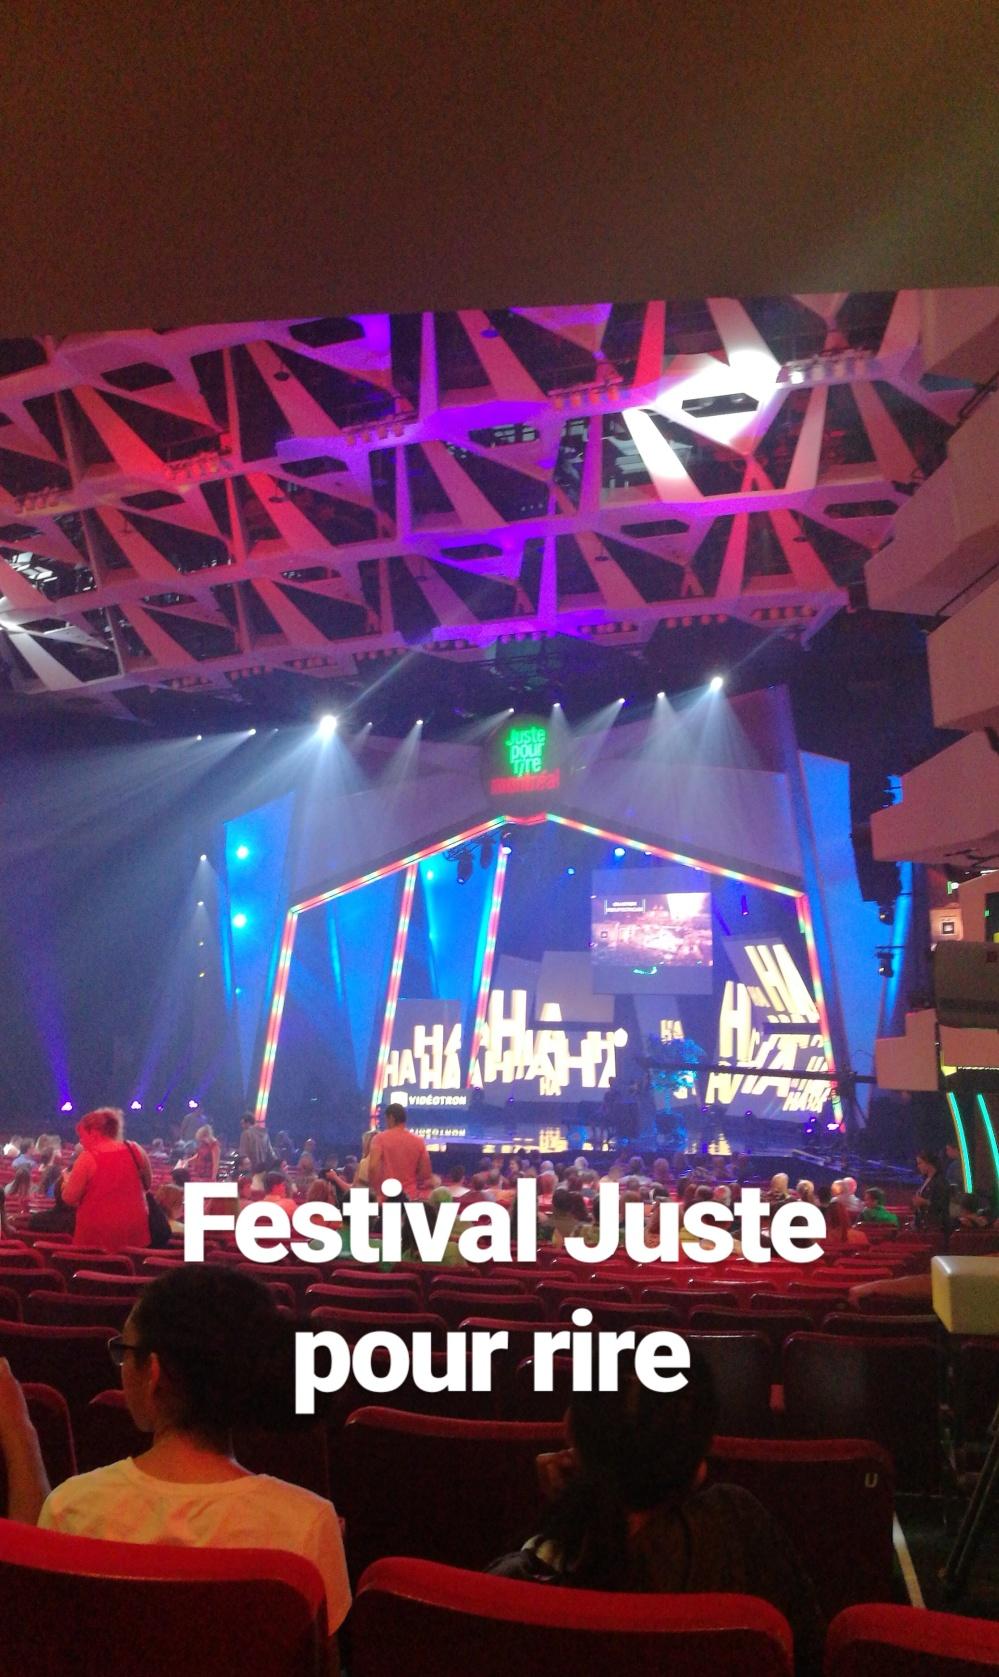 carnet-web-du-canada-festival-juste-pour-rire